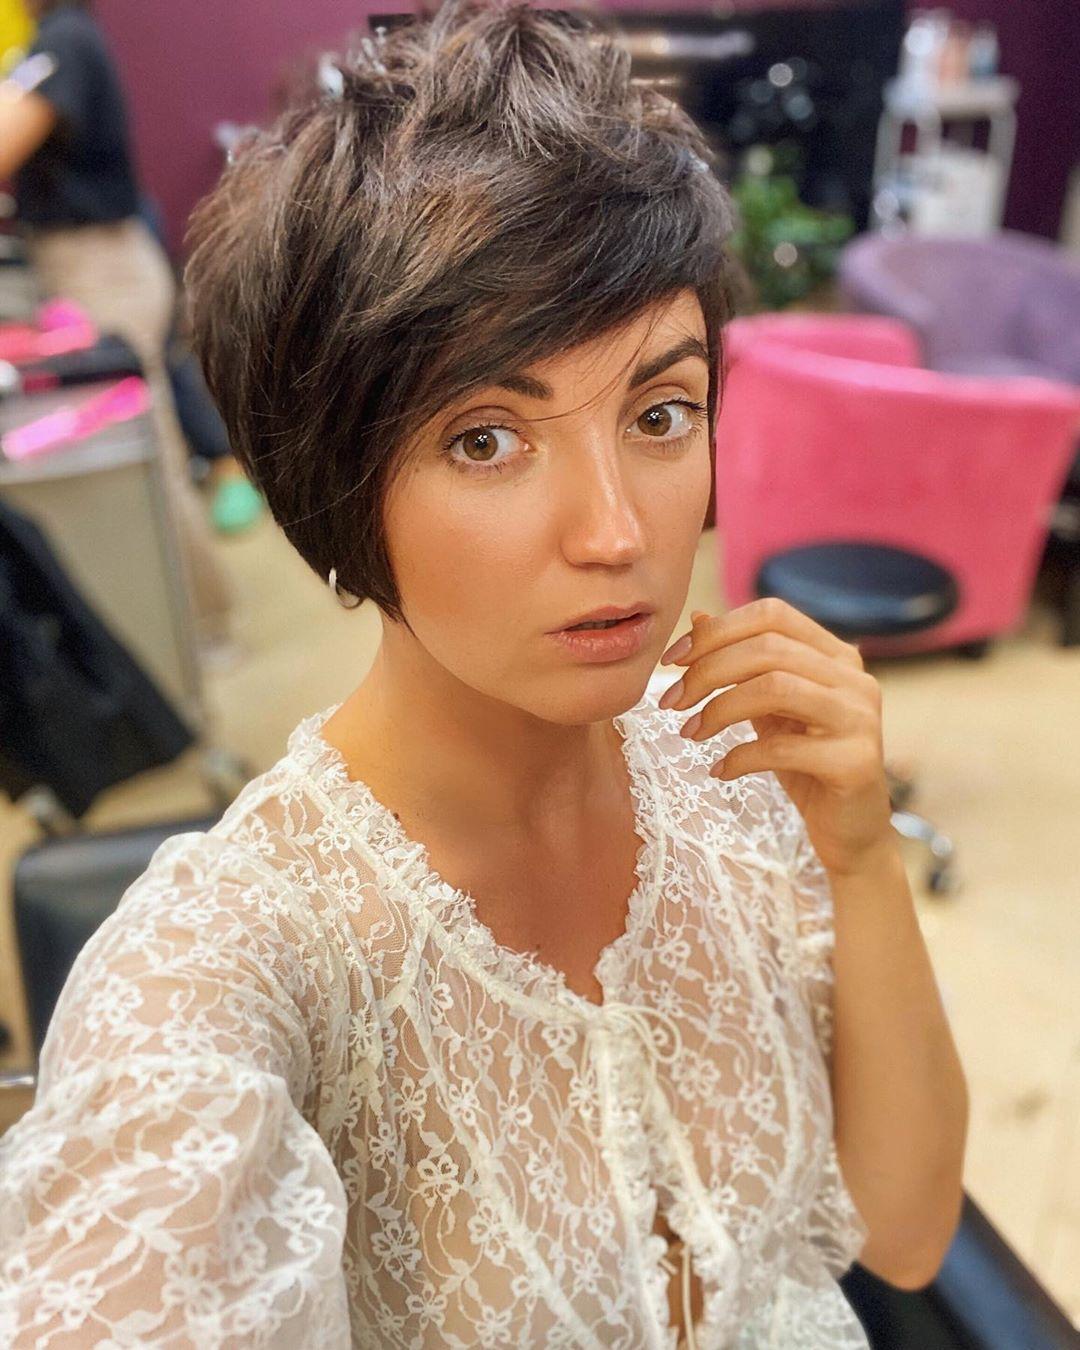 Цибульська з новою зачіскою / фото instagram.com/cybulskaya